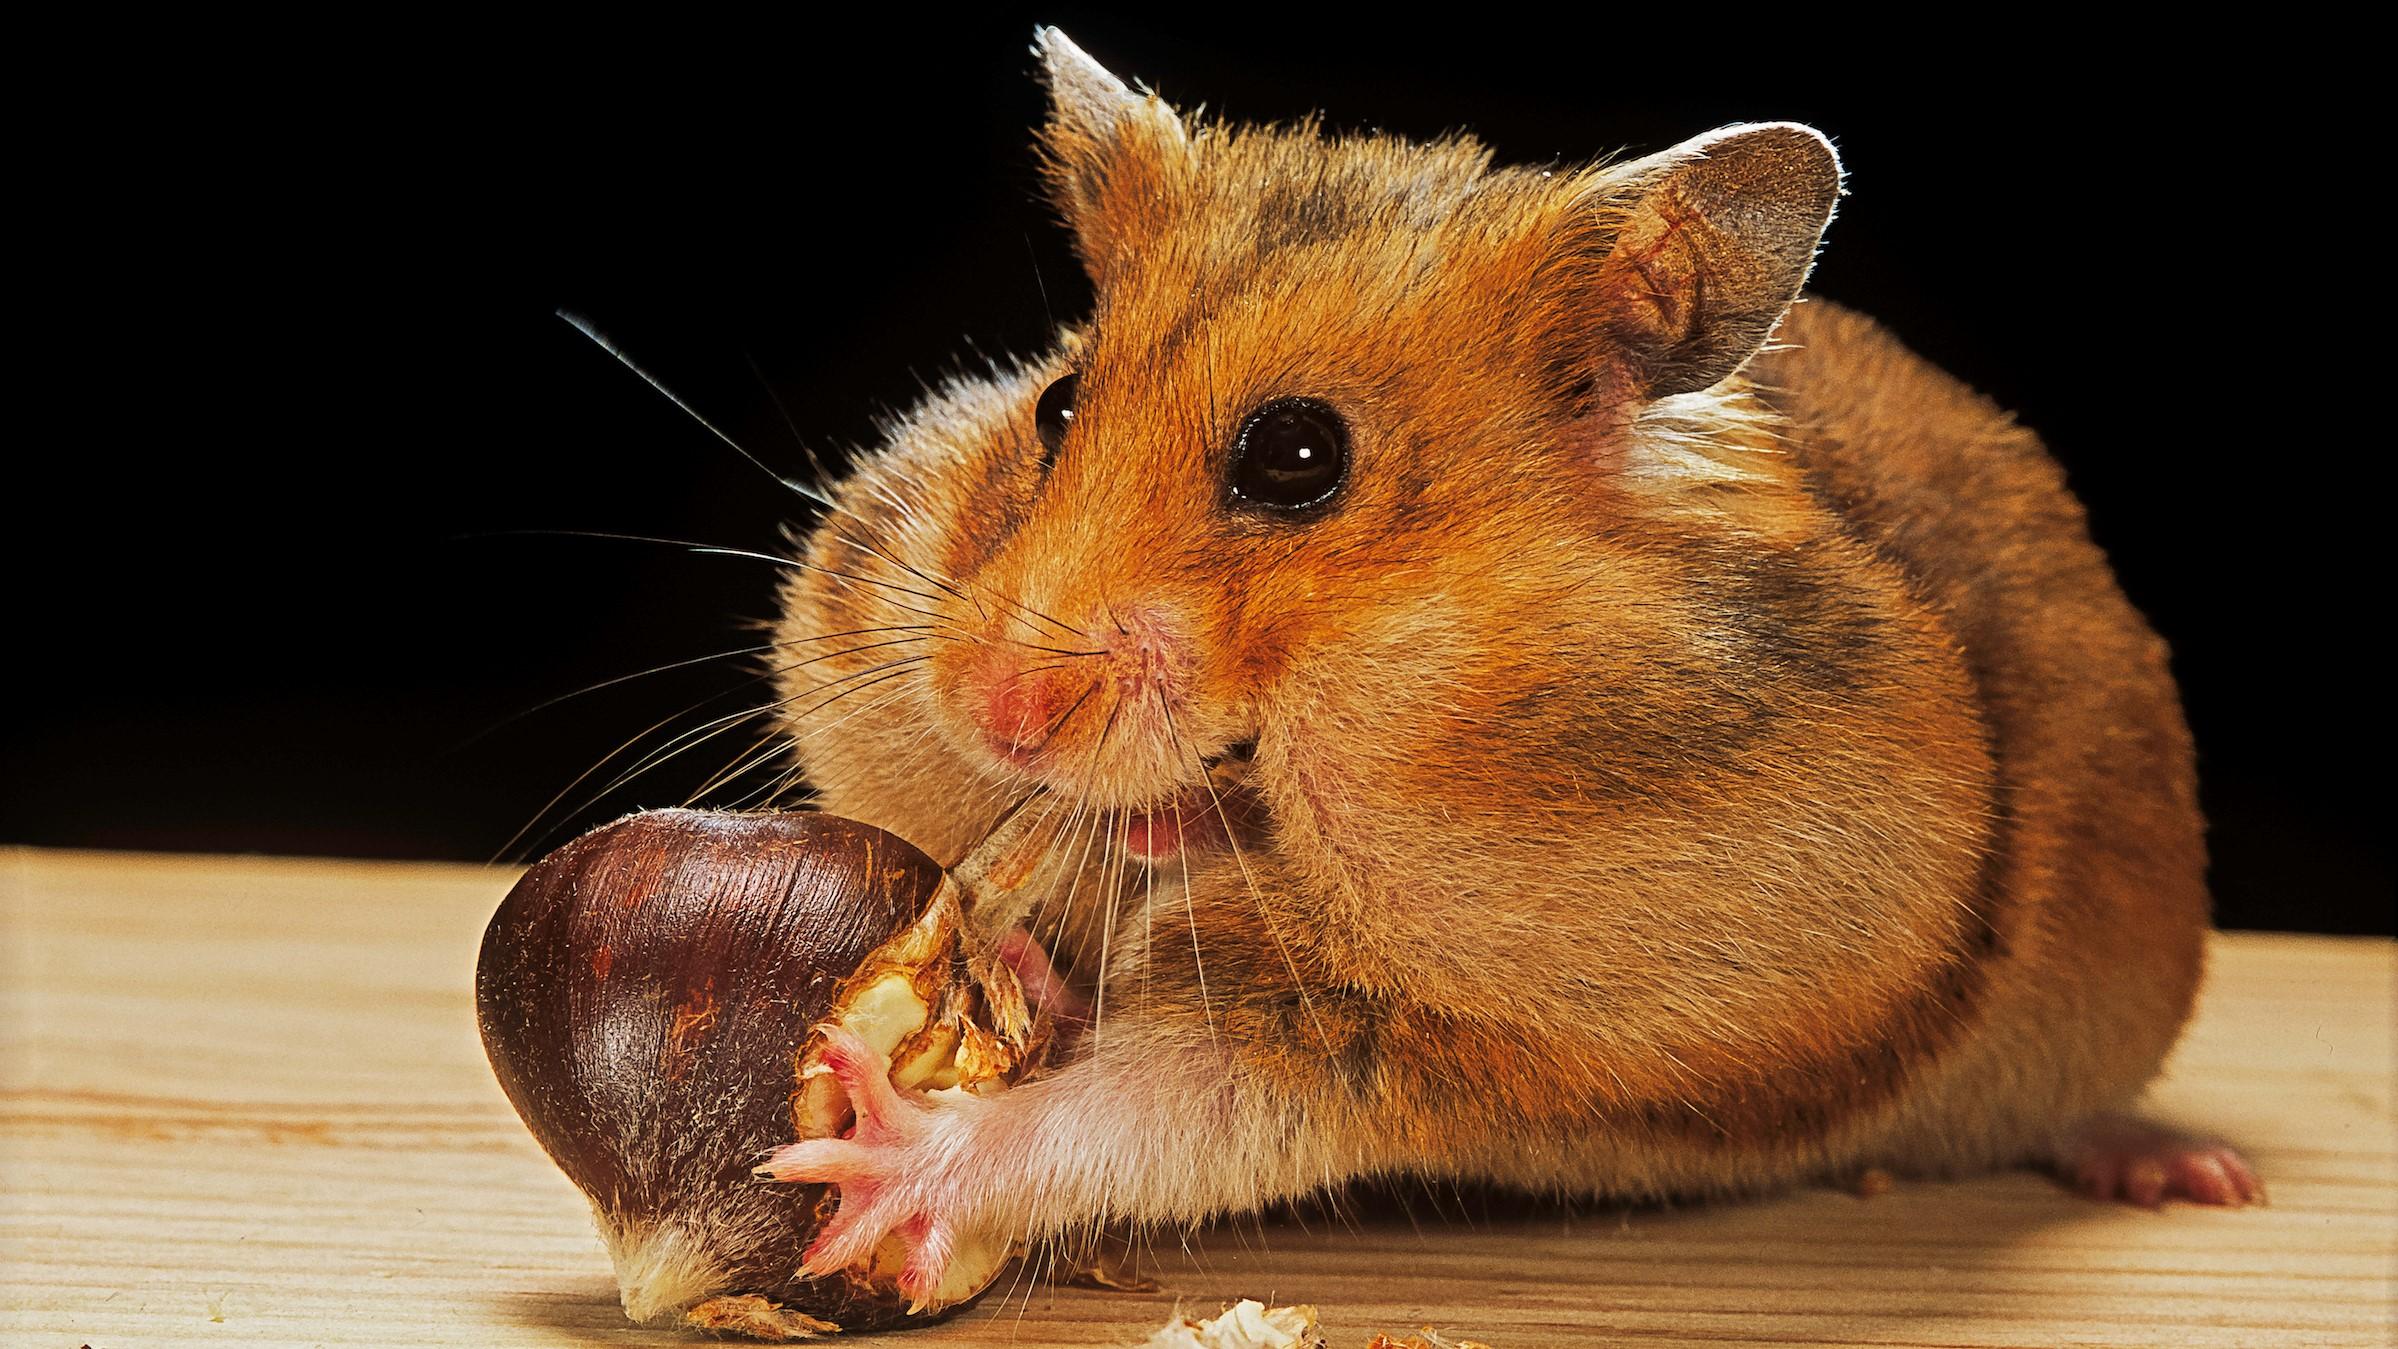 Une photo d'un hamster doré farcissant ses joues avec une châtaigne